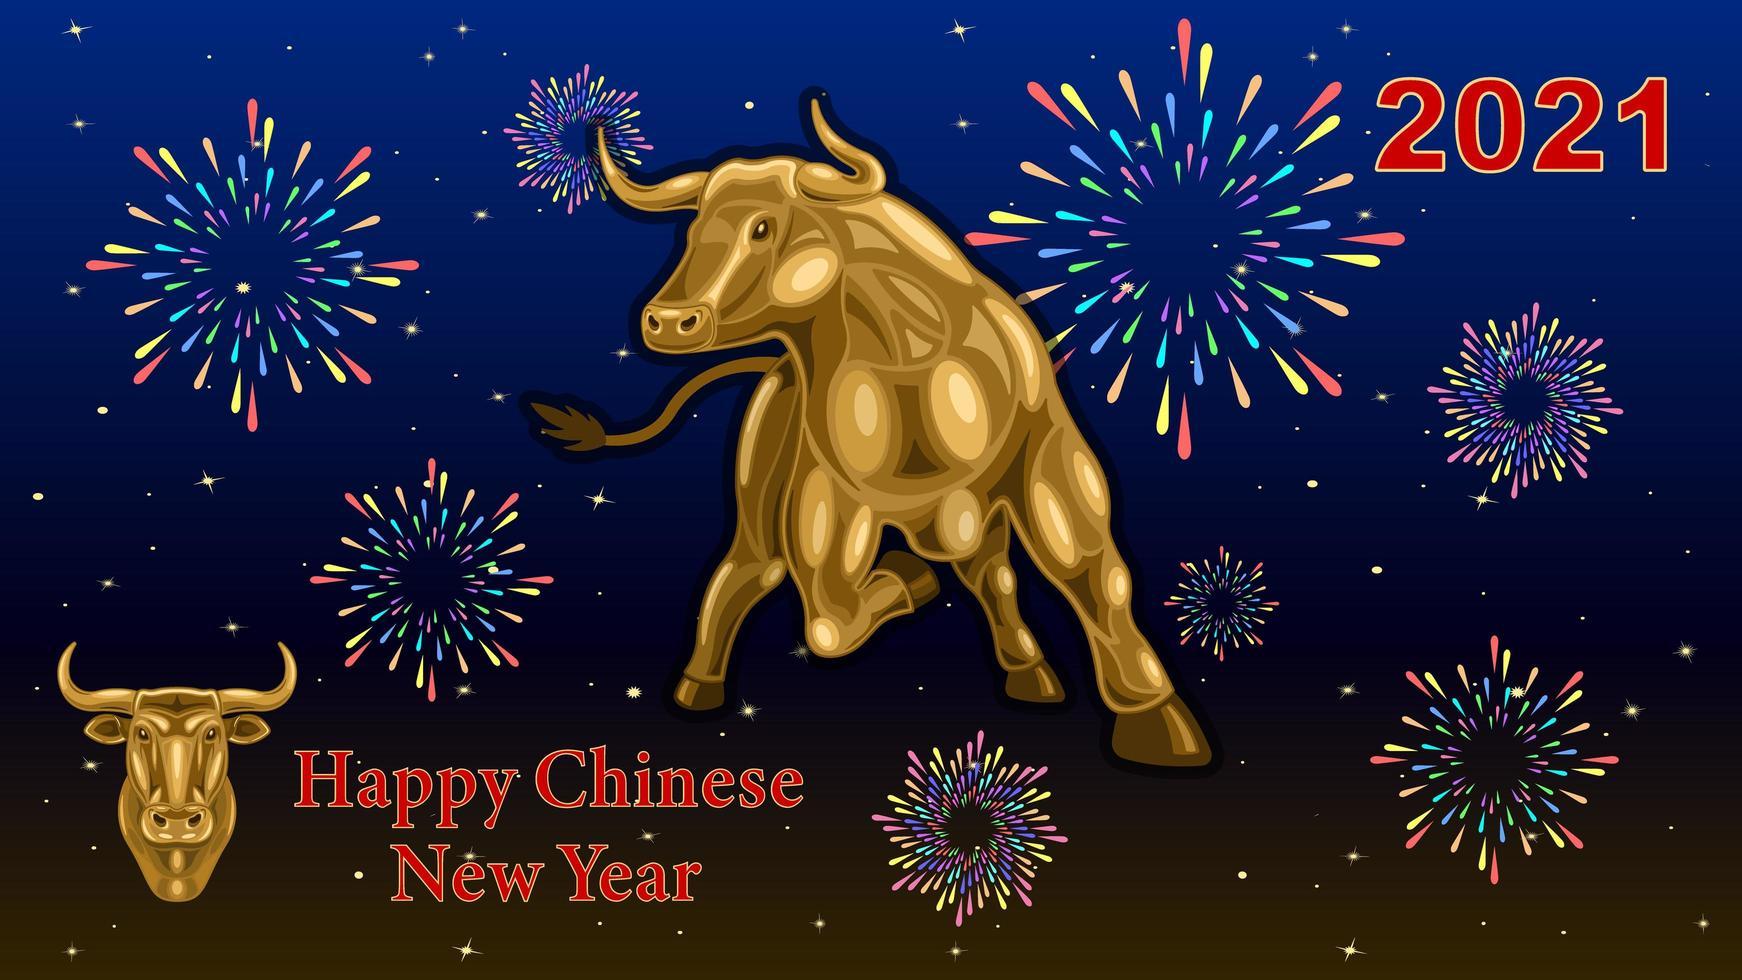 taureau en métal, bœuf, affiche de feux d'artifice du nouvel an chinois 2021 vecteur